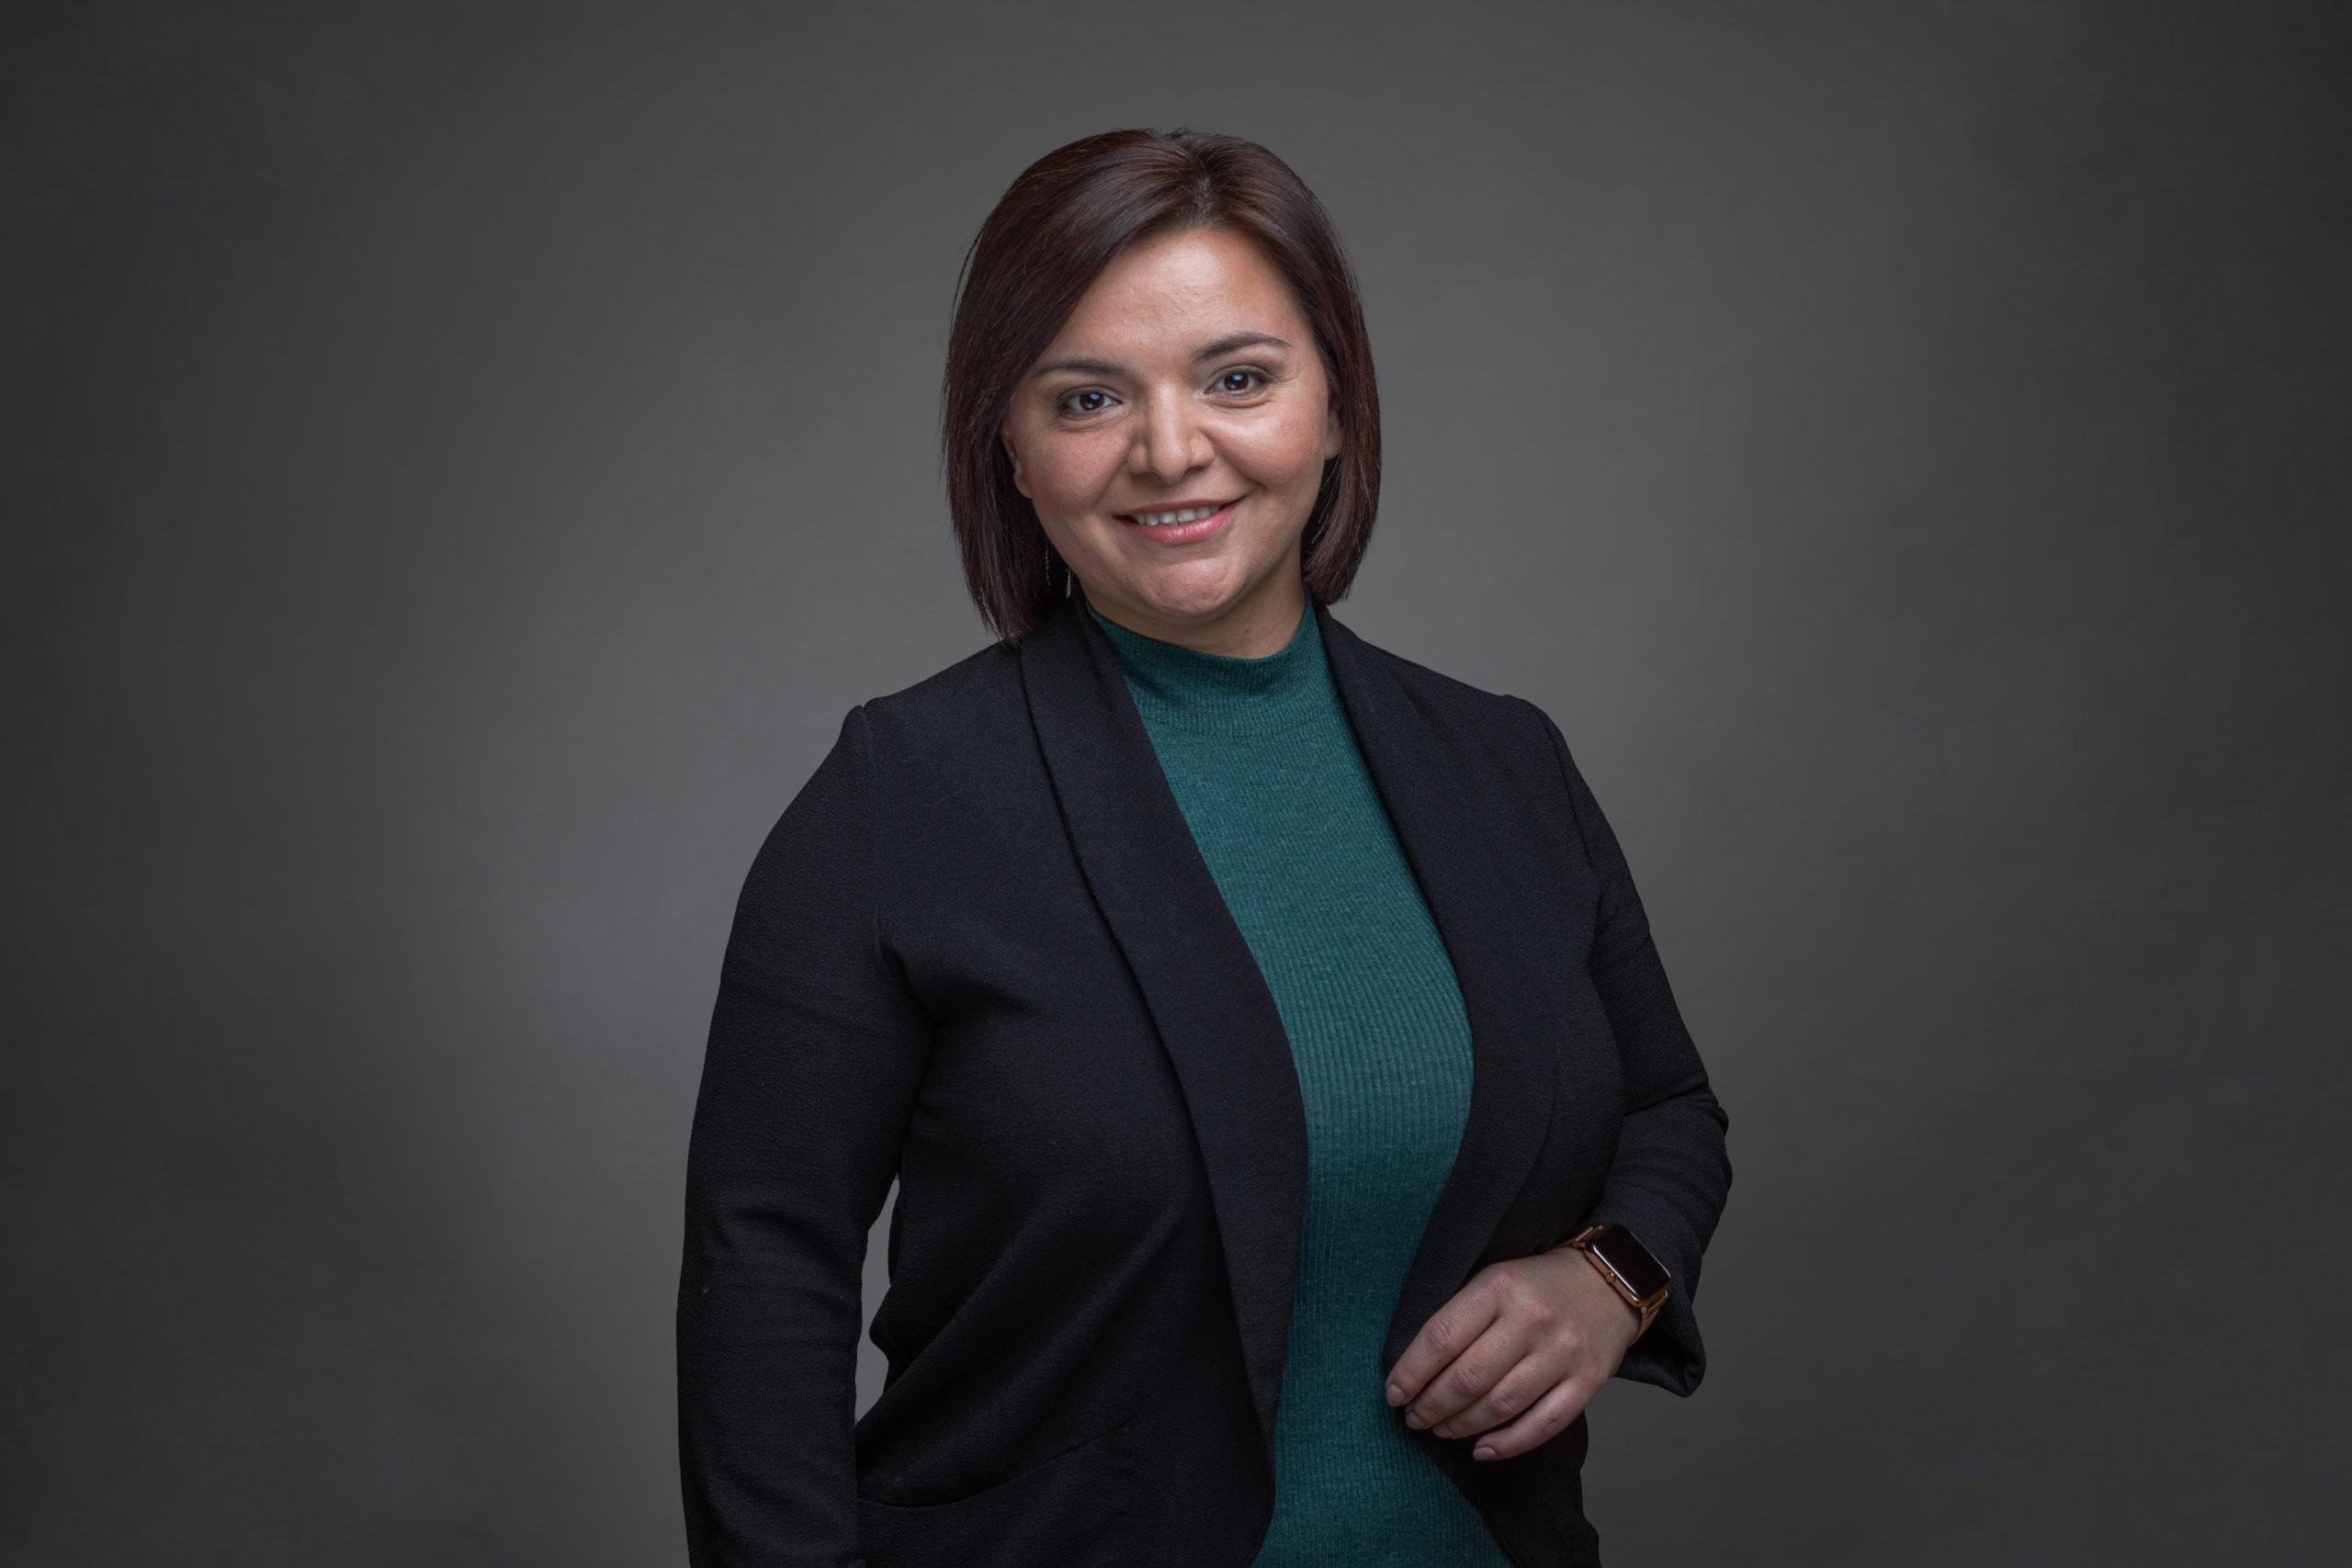 Emanuela BIRTE